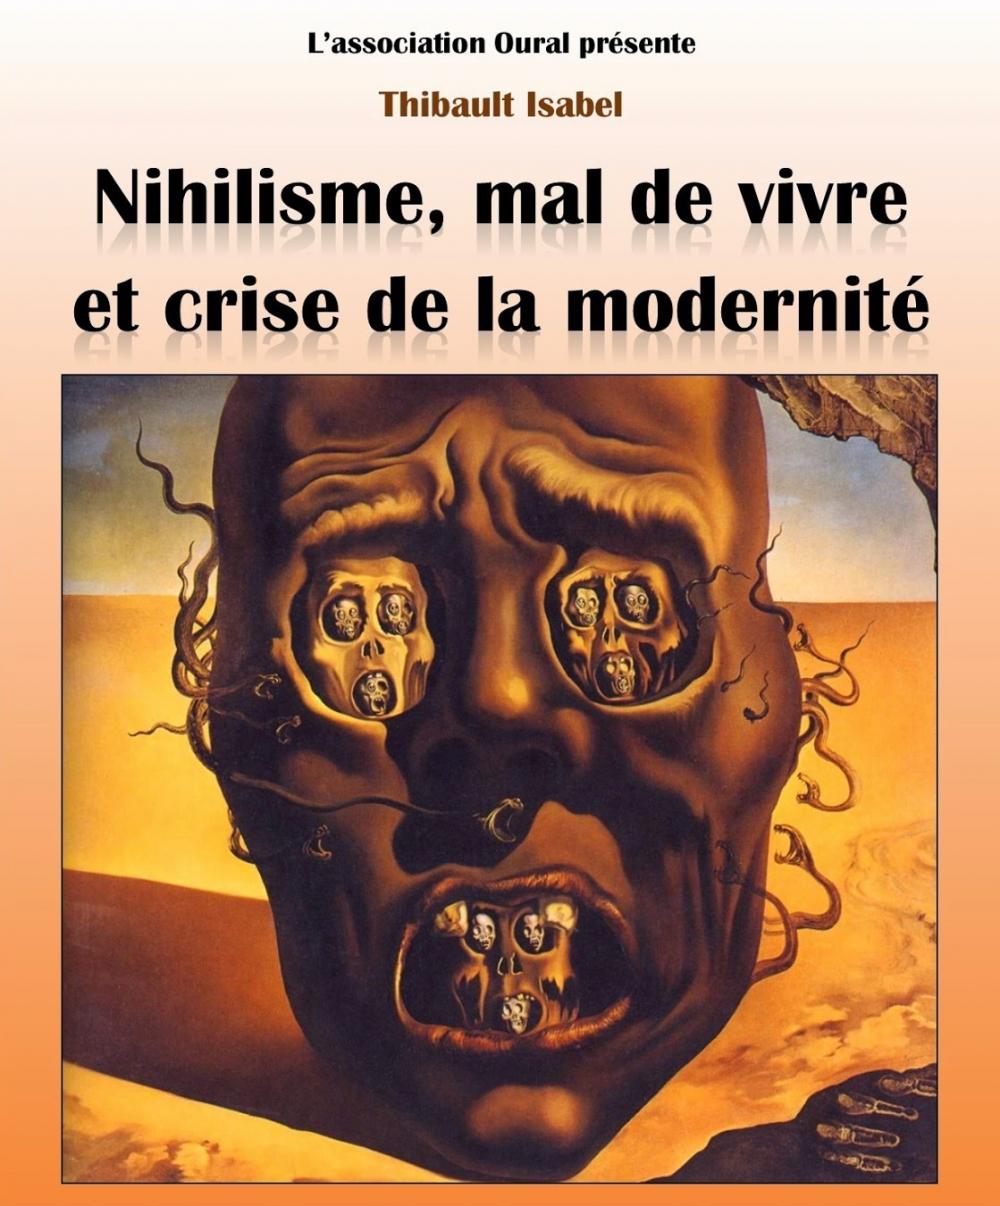 Crise de la modernité affiche.jpg